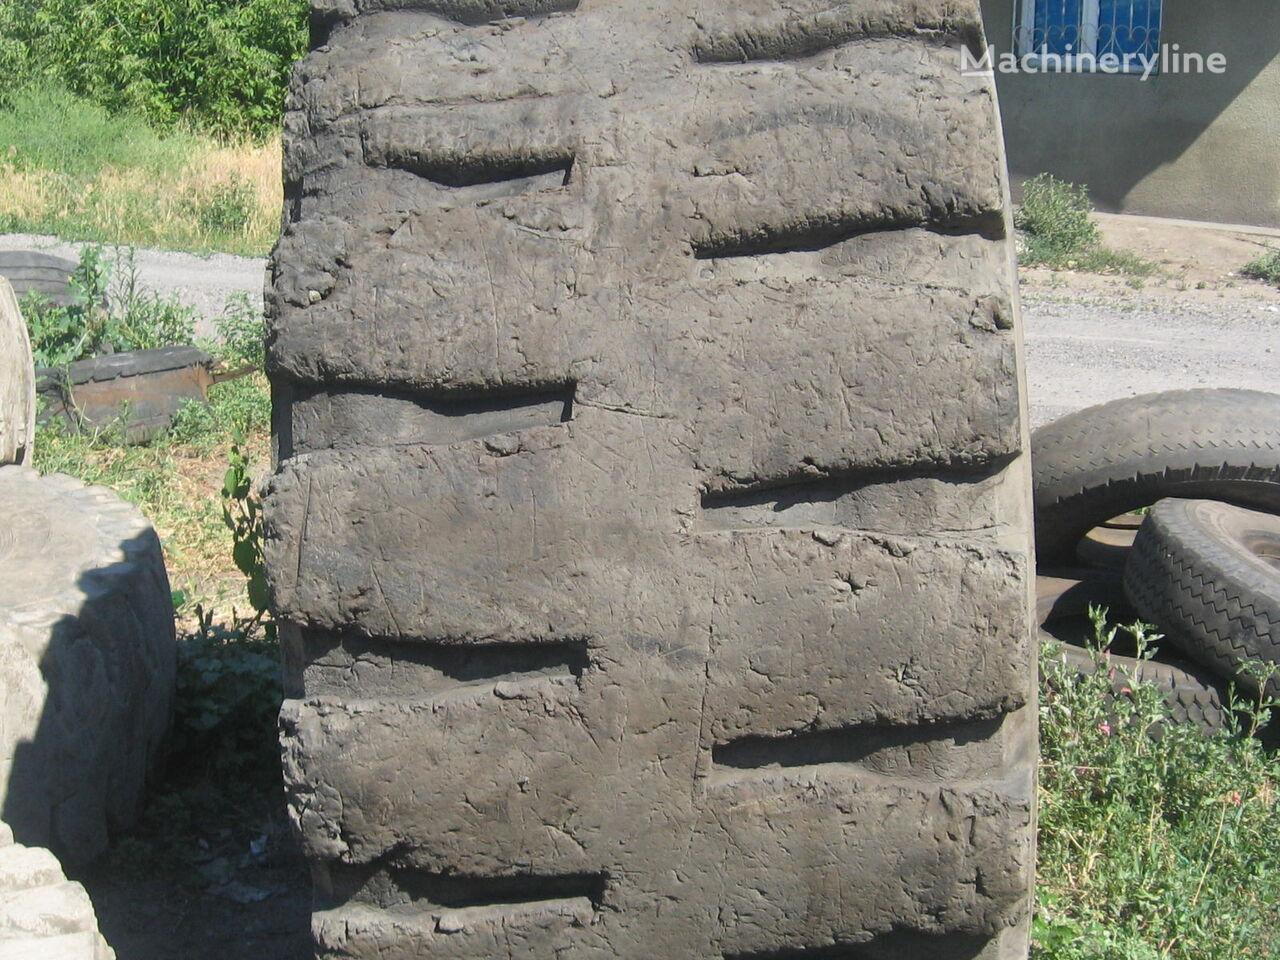 Alliance guma za rudarske mašine